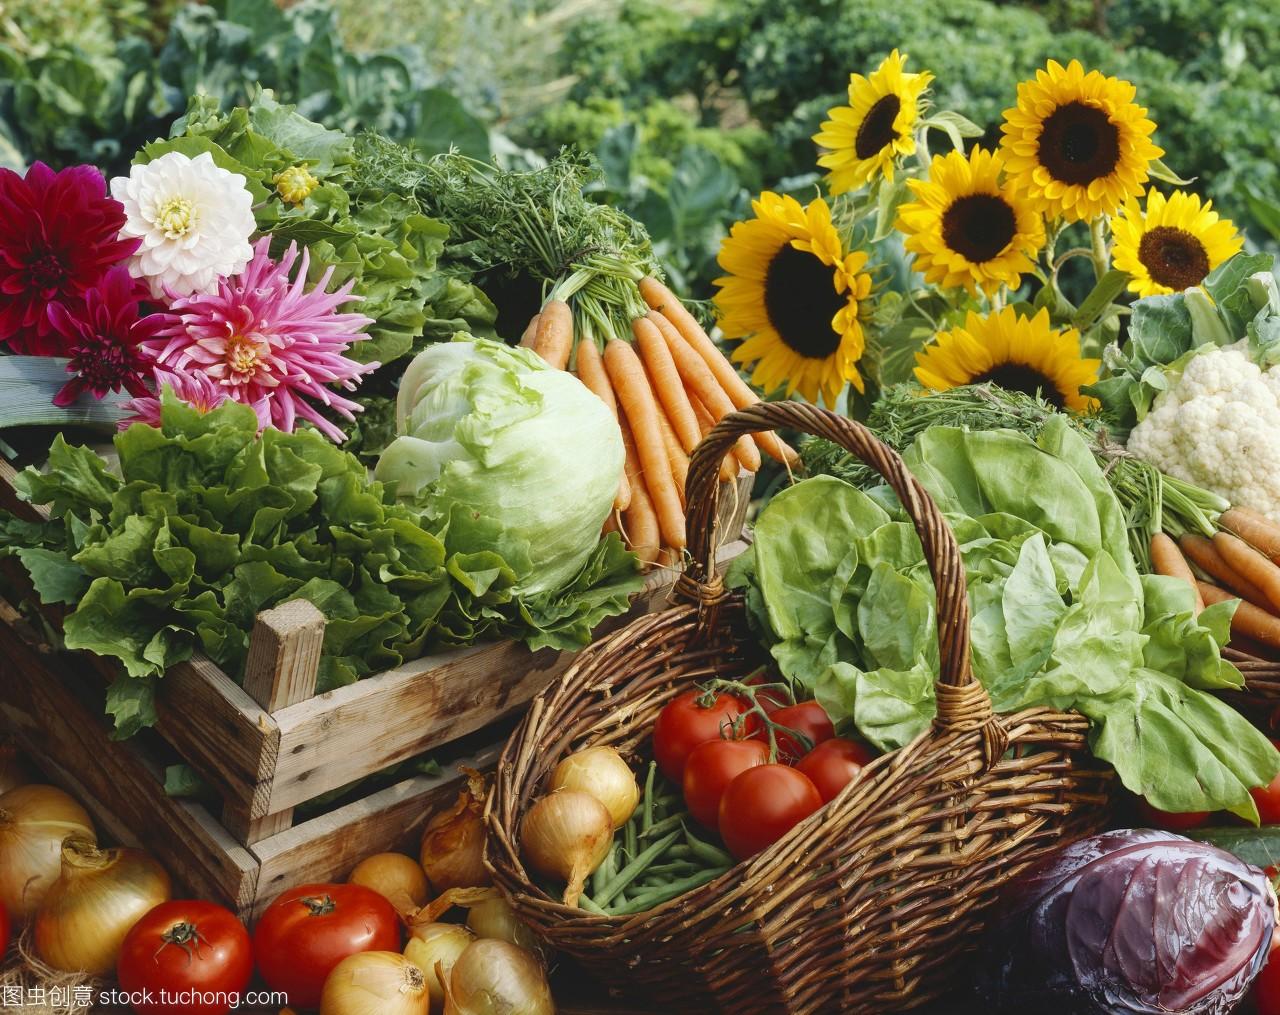 生活需要蔬菜,也需要鲜花